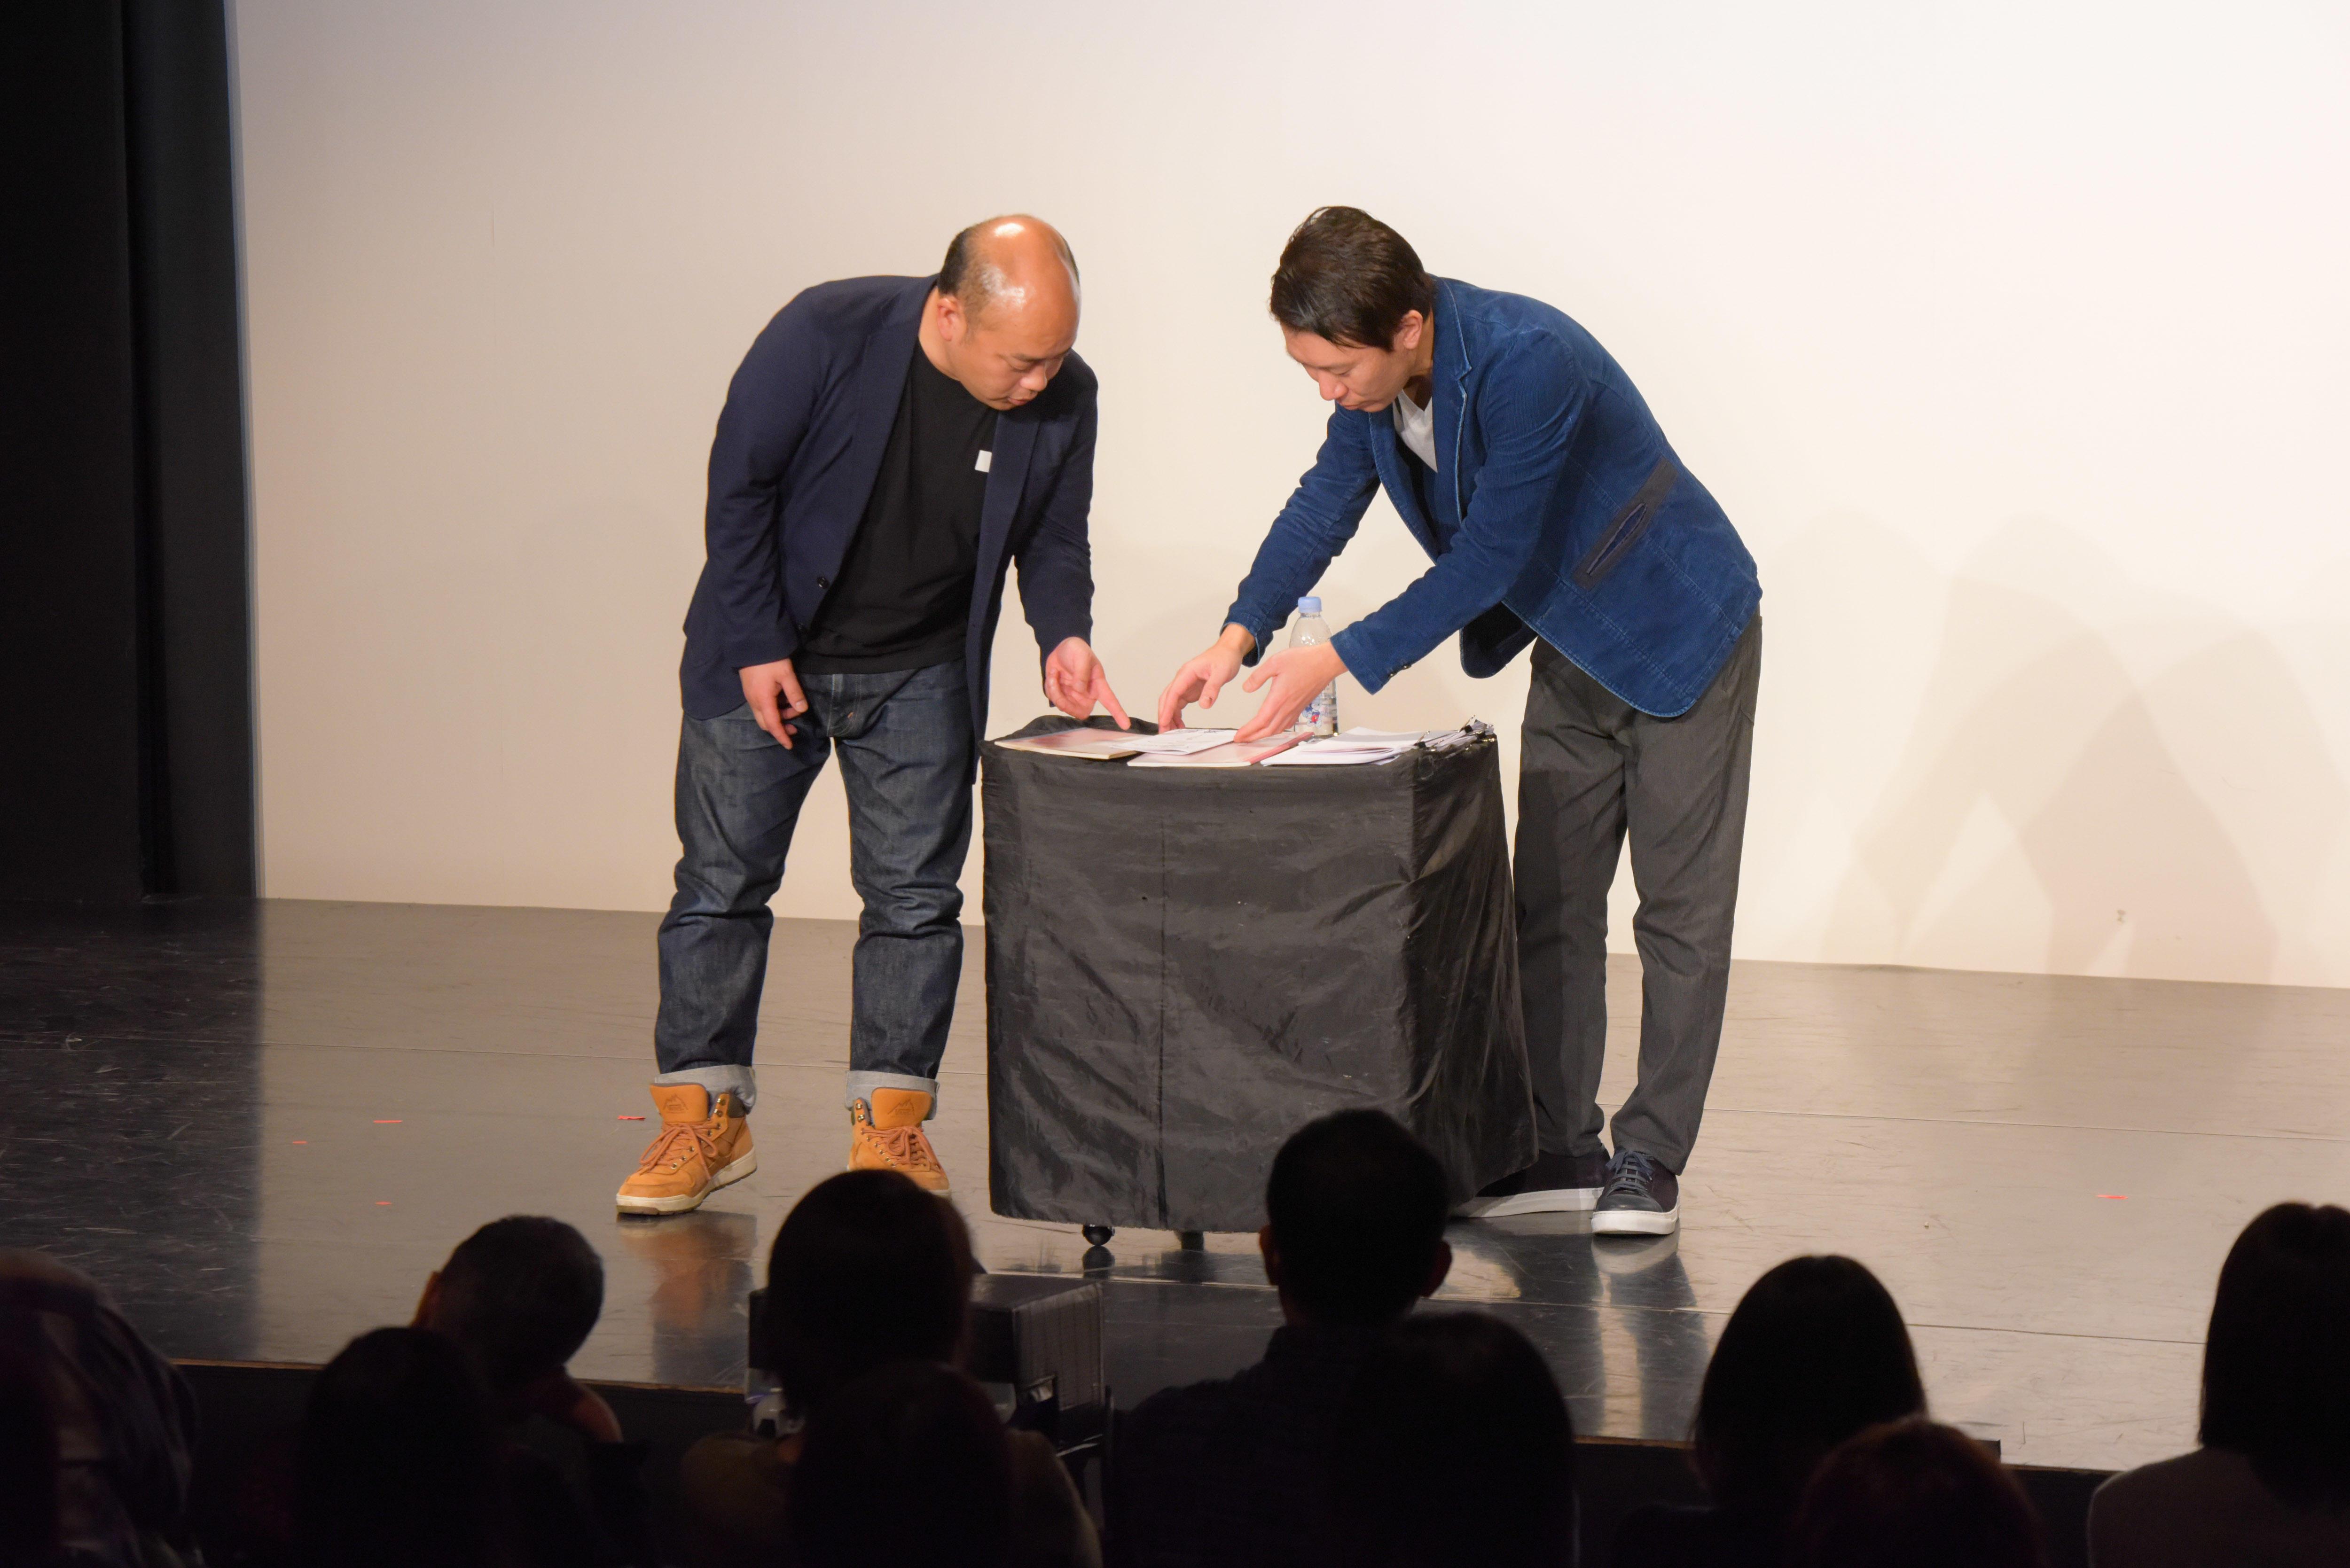 http://news.yoshimoto.co.jp/20190101122104-2af1be696d38bfb60b4b4d196d2f5d99072b72ba.jpg